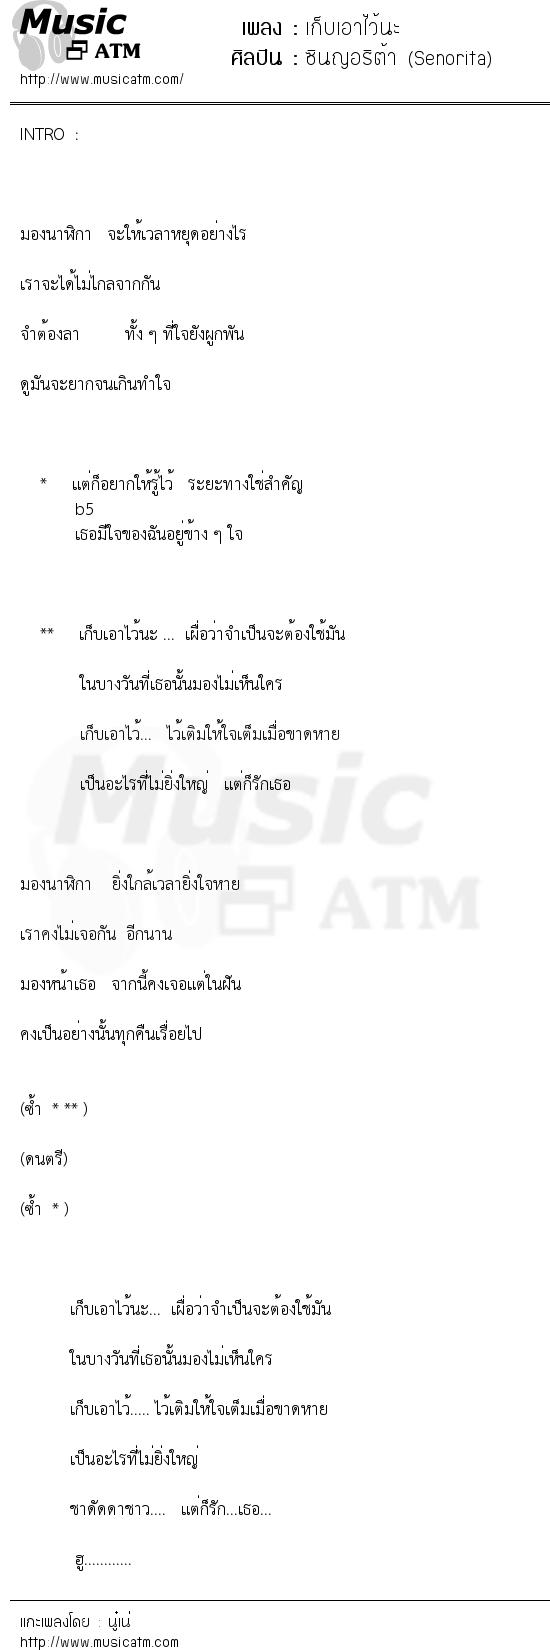 เนื้อเพลง เก็บเอาไว้นะ - ซินญอริต้า (Senorita)   เพลงไทย